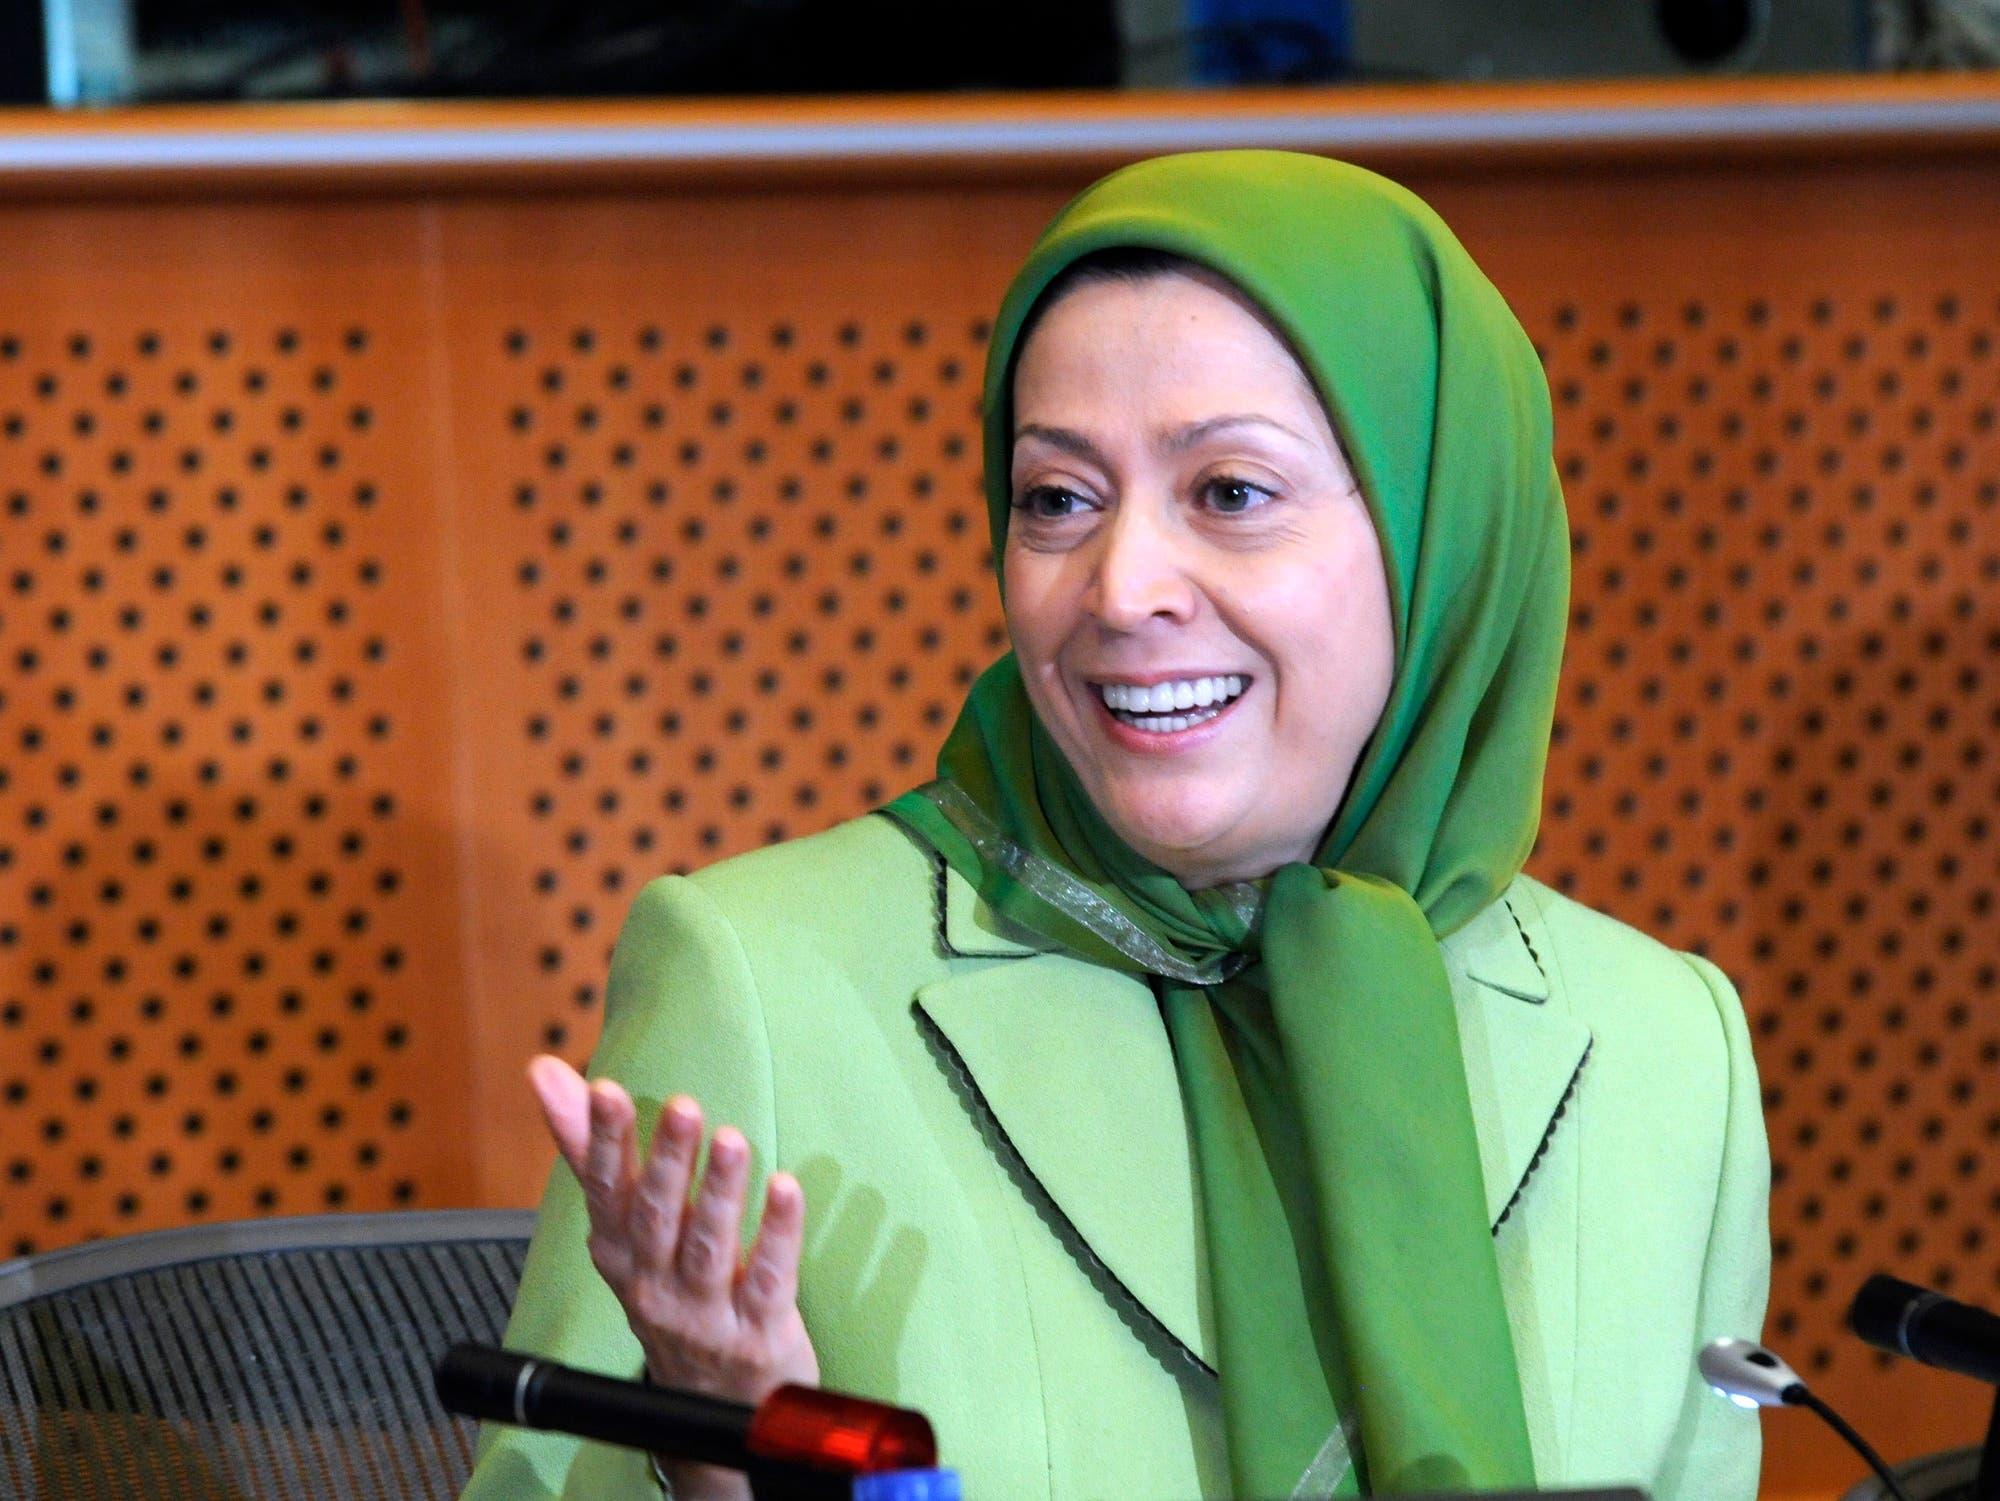 Maryam rajavi photo from AP